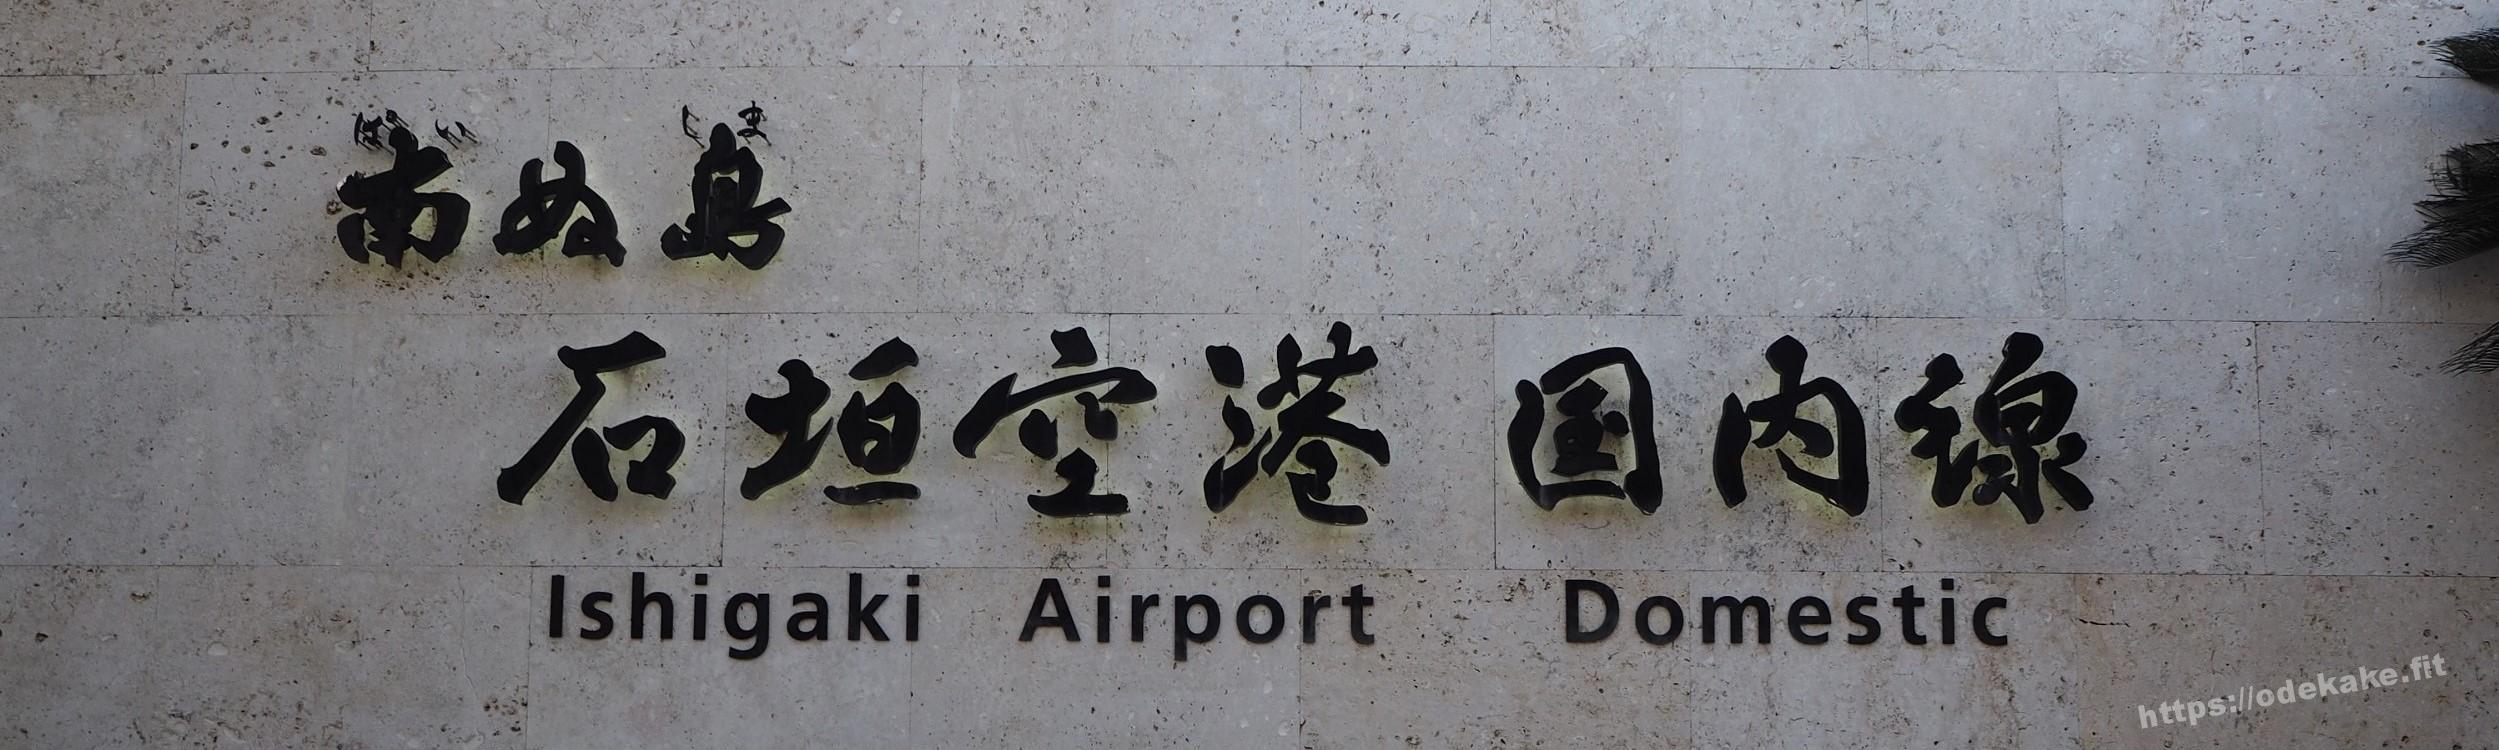 【石垣島】石垣空港の紹介と市街地への行き方(バス情報♪)